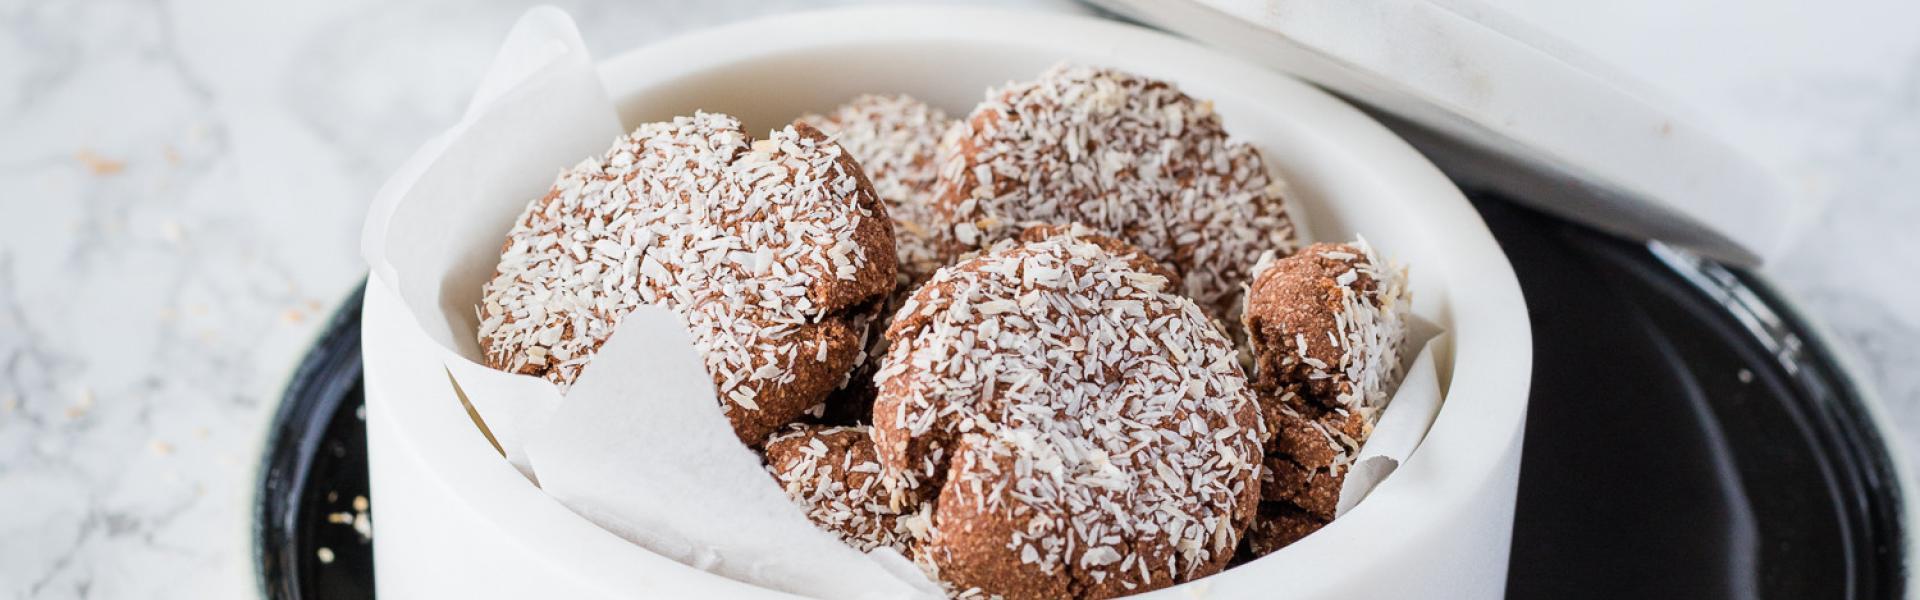 Low Carb Schoko-Kokos-Kekse in weißer Schale in weihnachtlichem Setting.